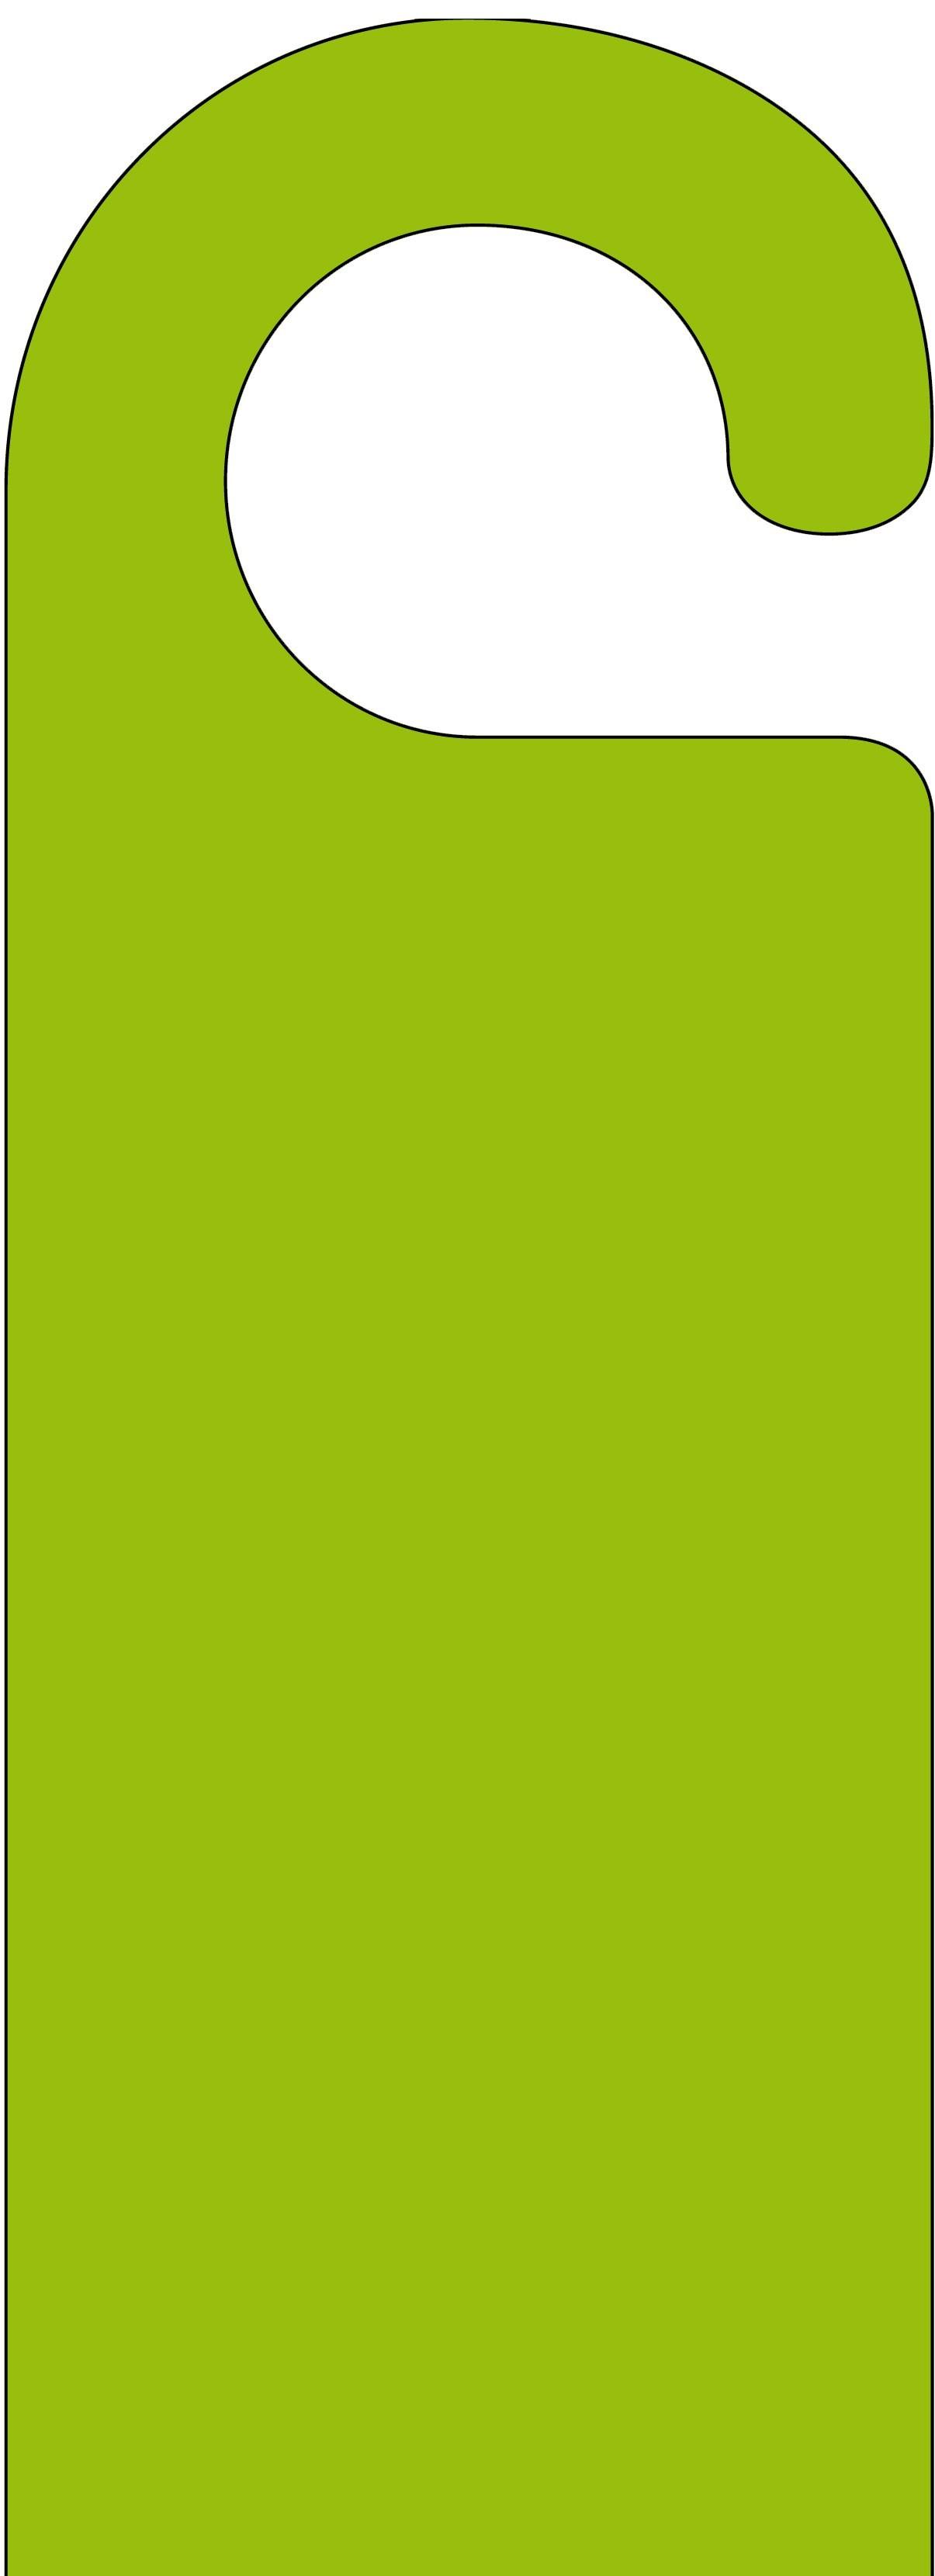 Green door hanger maxwellsz